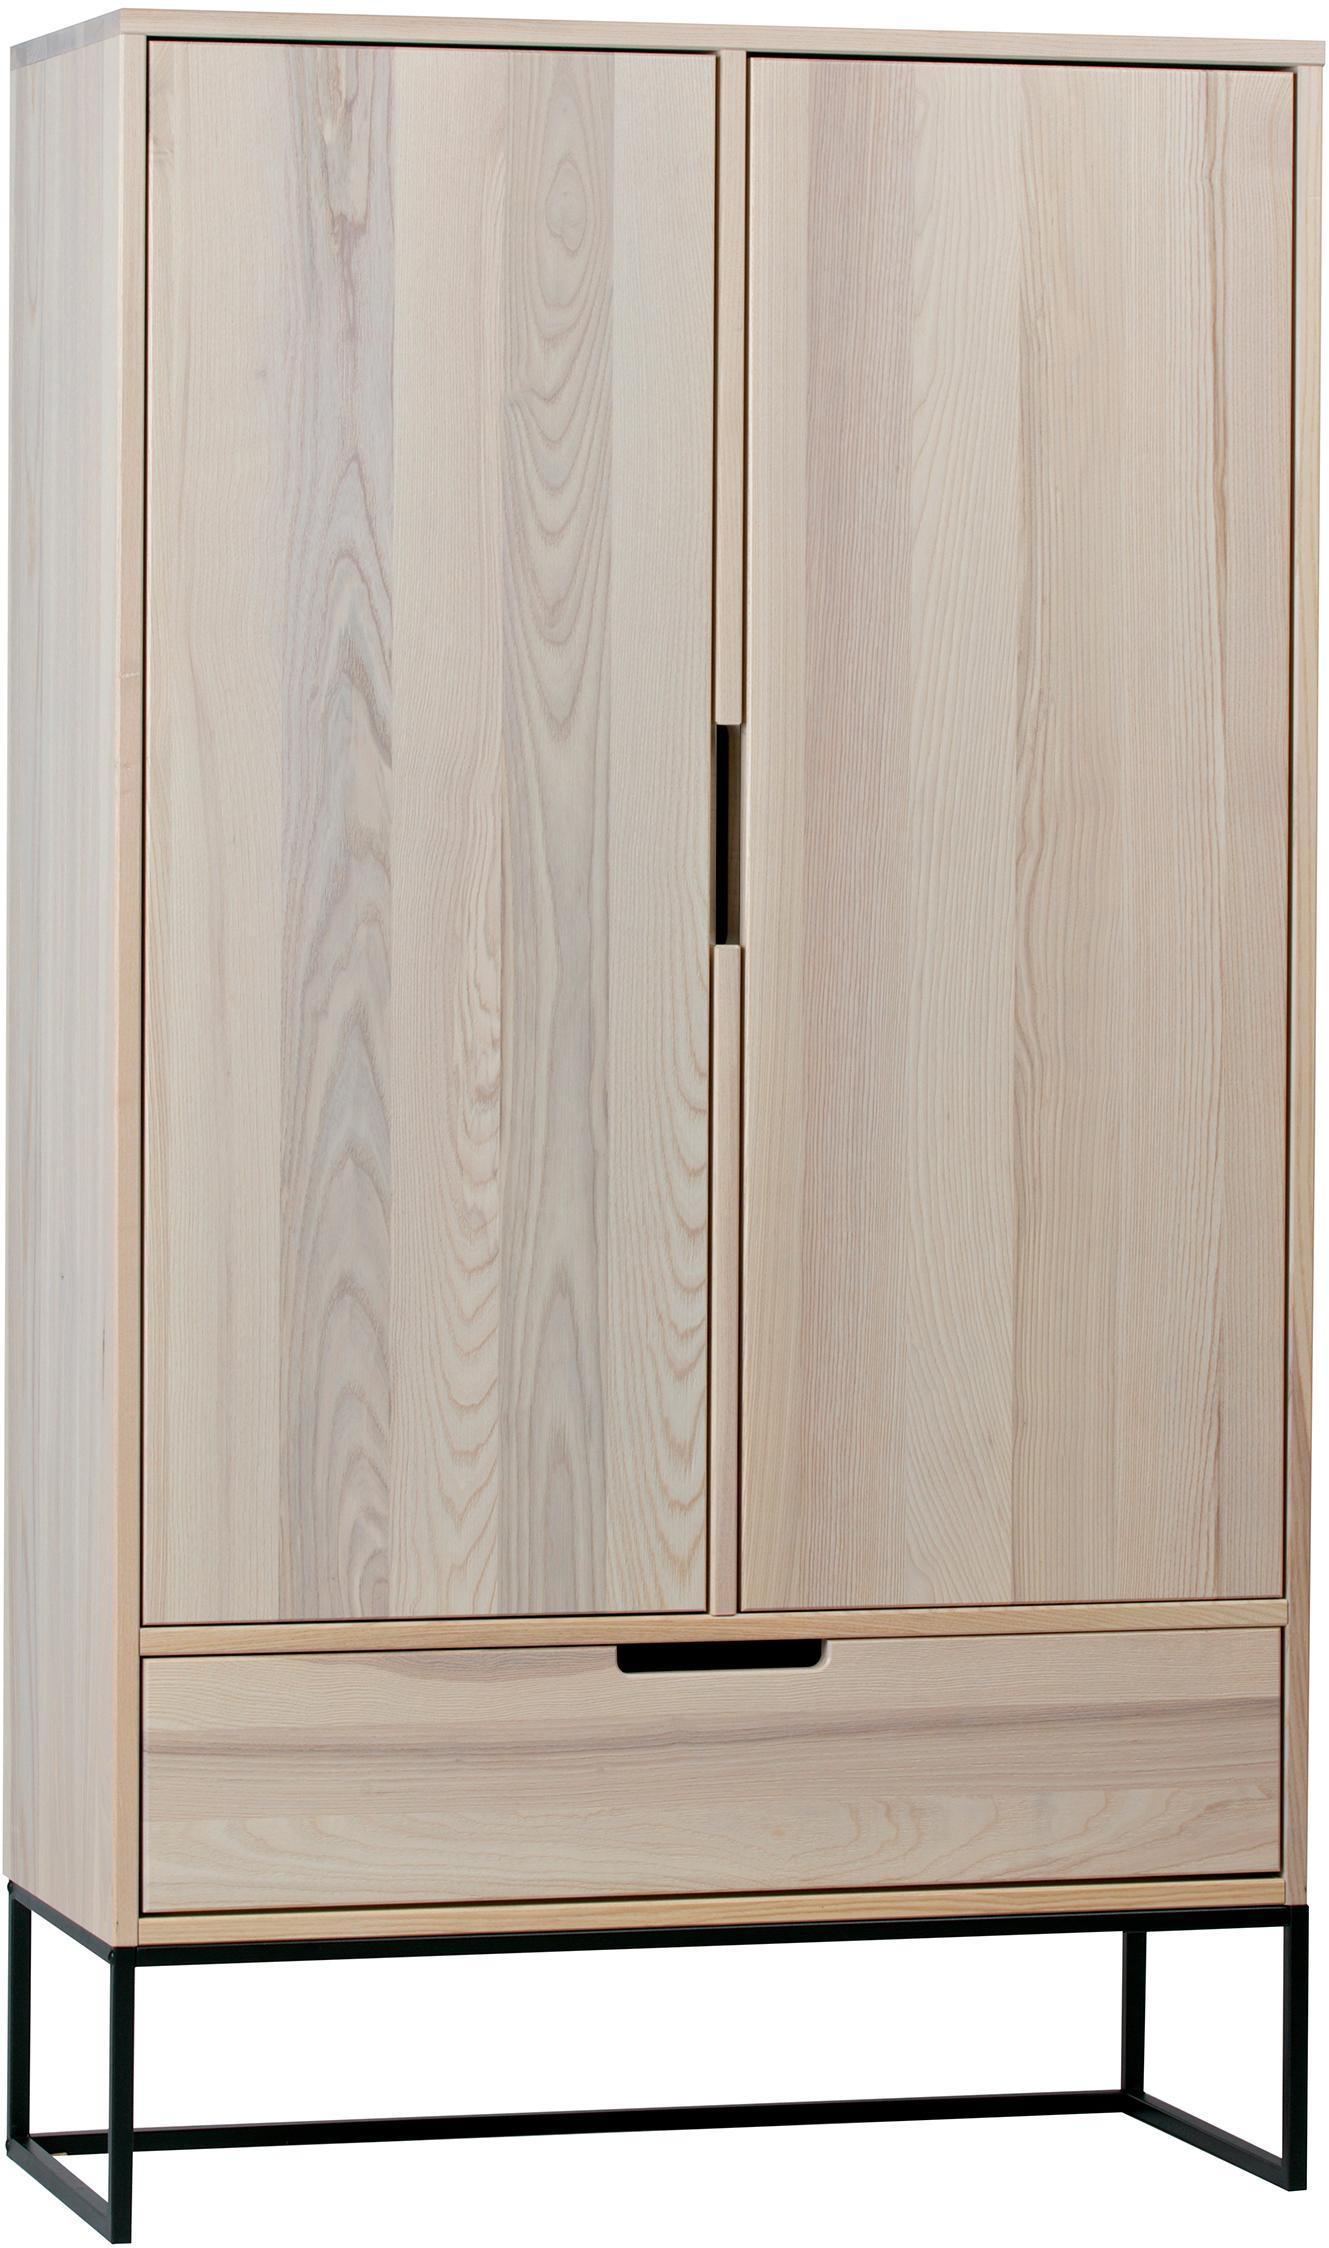 Credenza alta Silas, Piedini: metallo verniciato, Beige, Larg. 85 x Alt. 149 cm